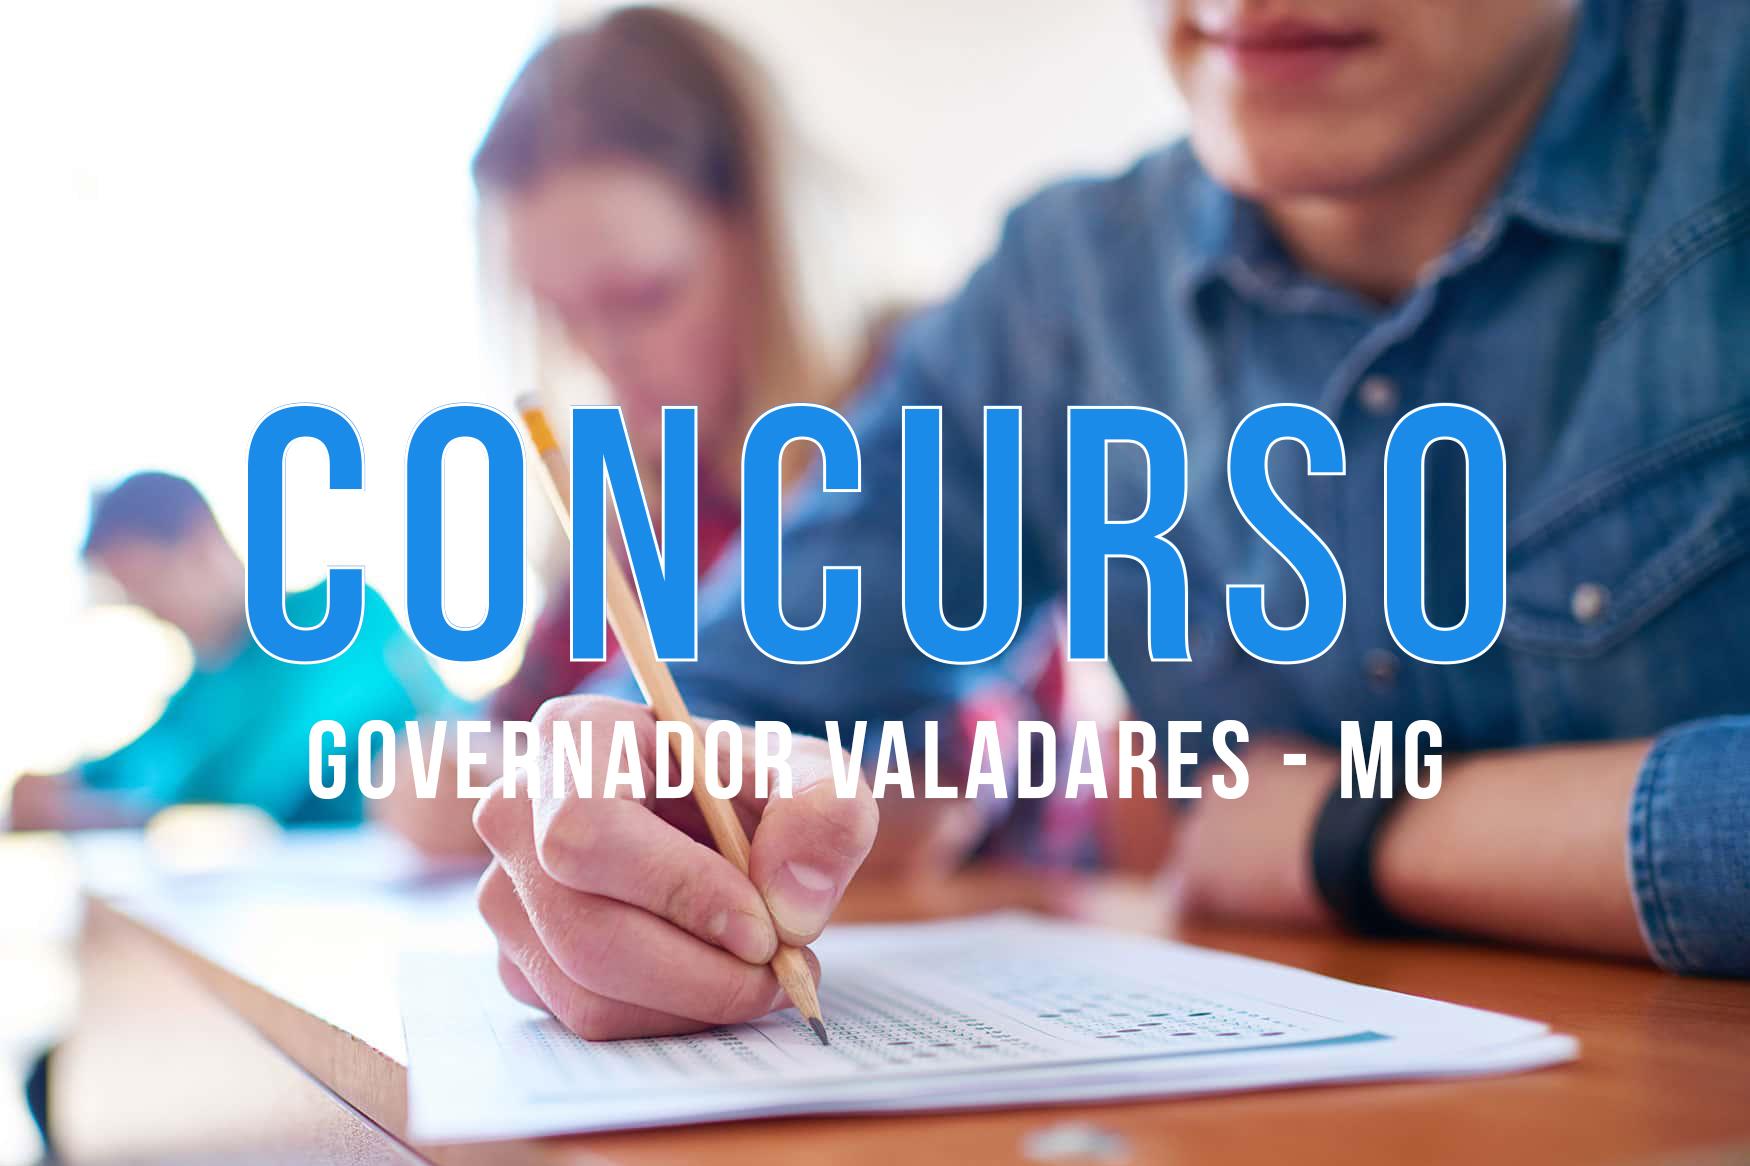 Concurso Governador Valadares - MG: Prefeitura publica editais